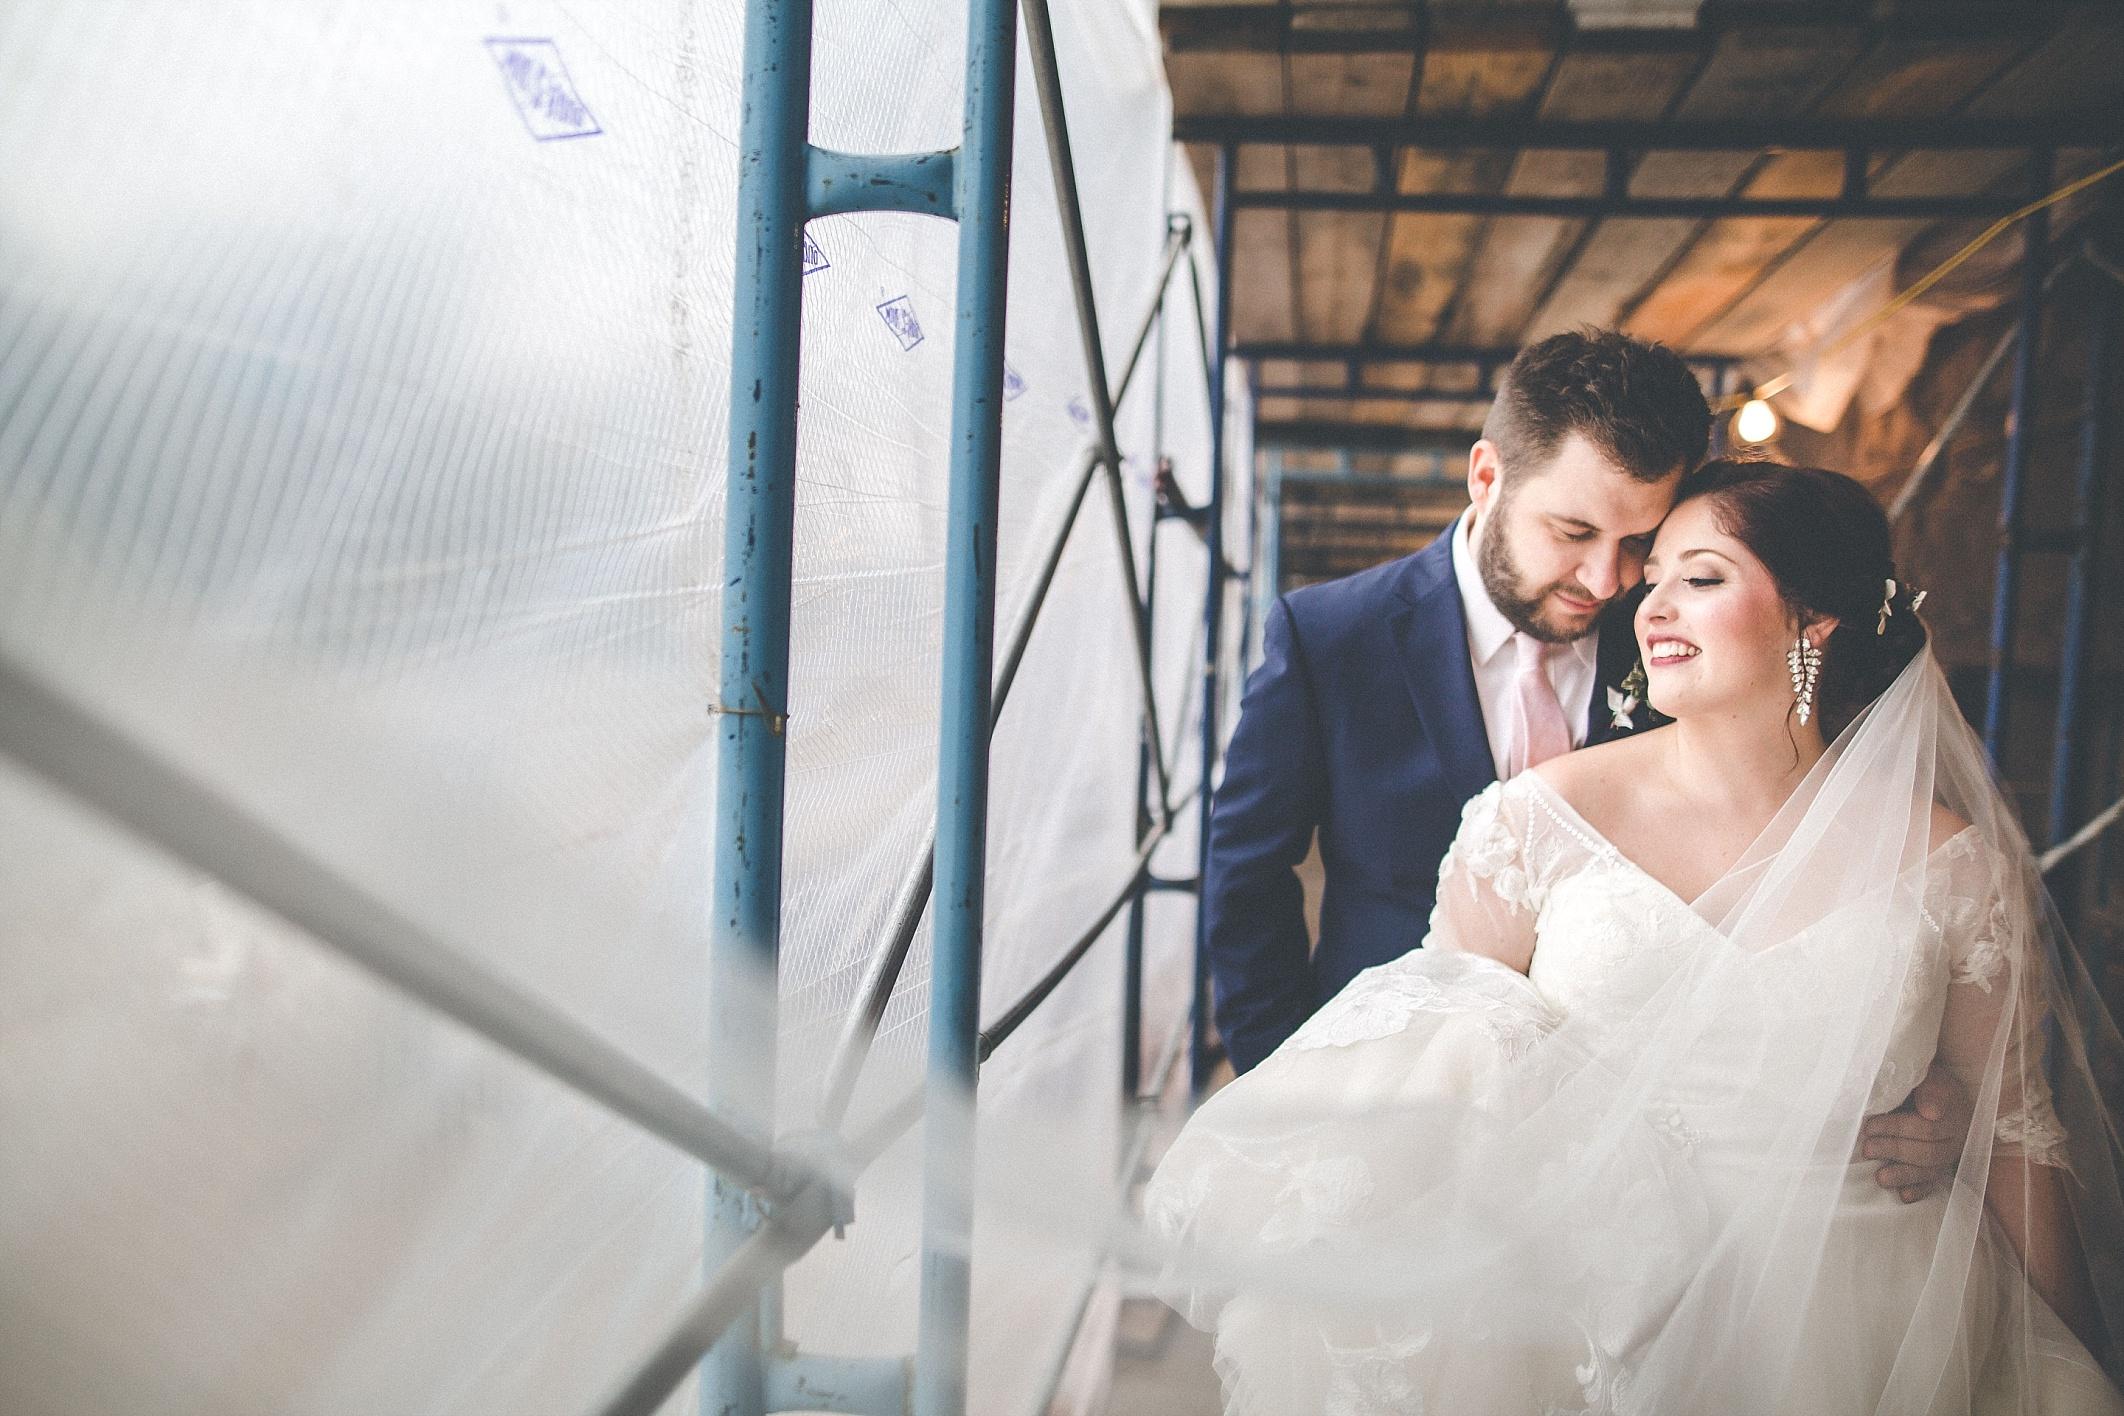 hilary-aaron-cincinnati-trancept-wedding-photographer-dayton-ohio_0018.jpg